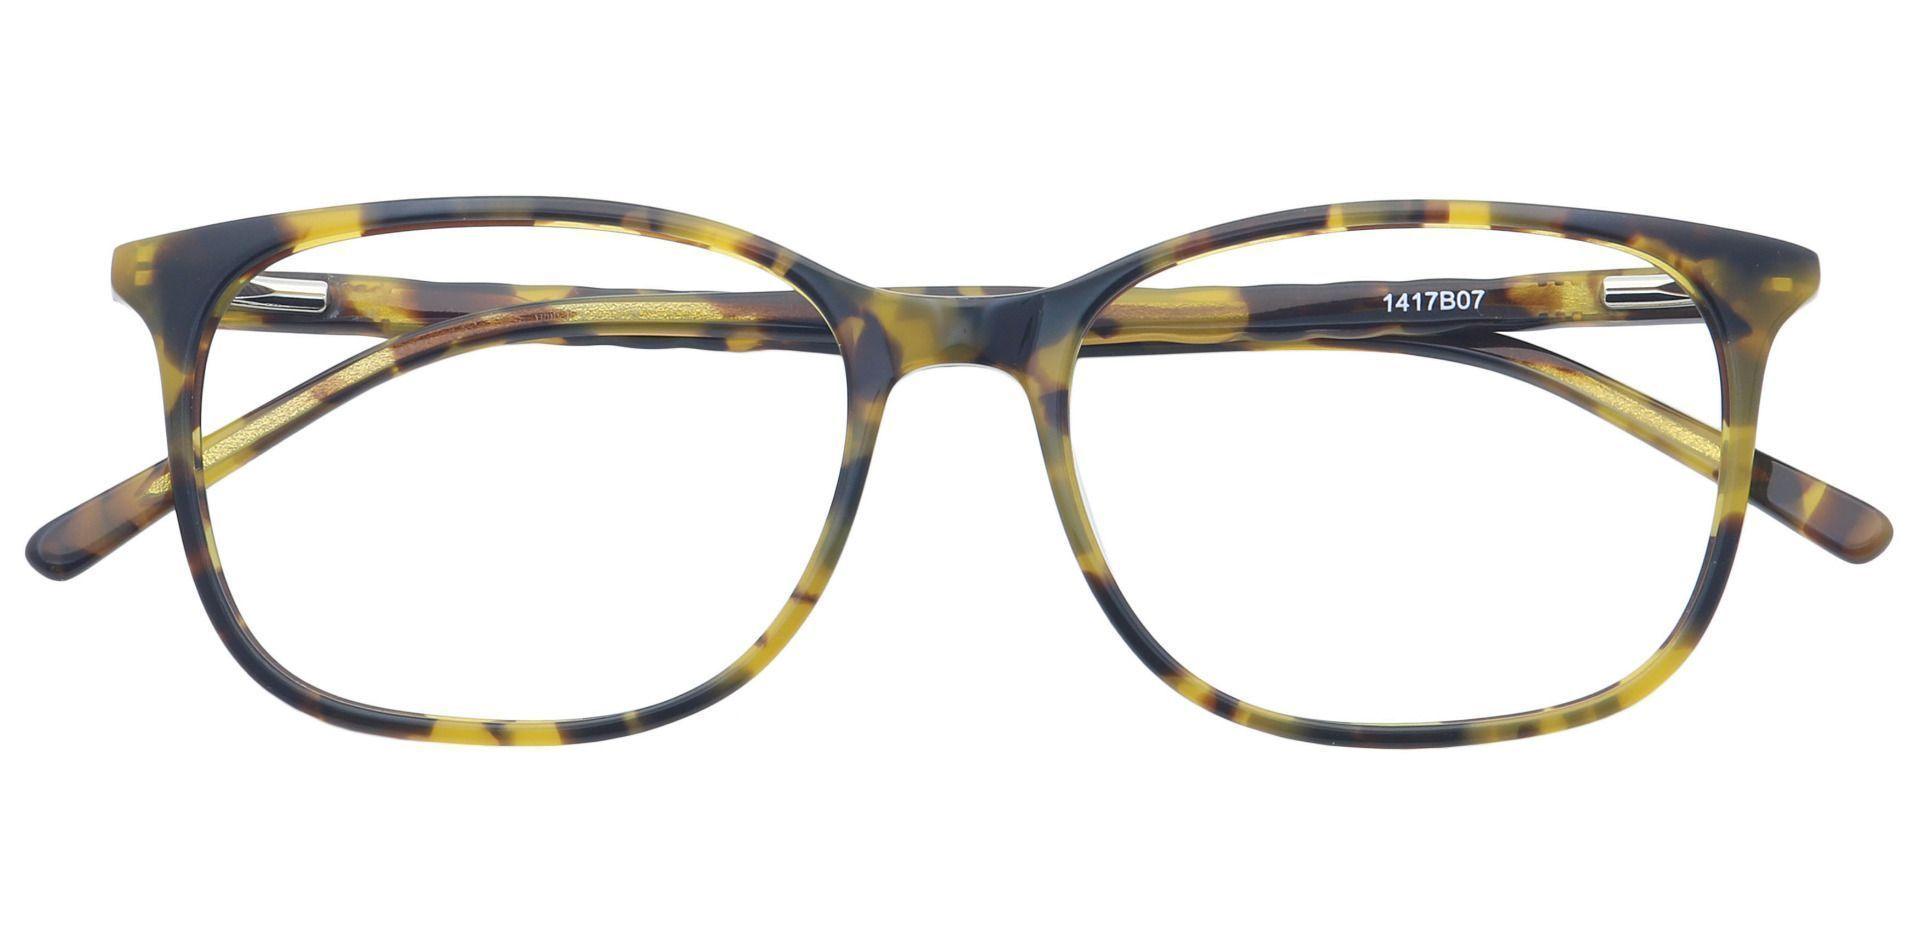 Mason Square Progressive Glasses - Brown